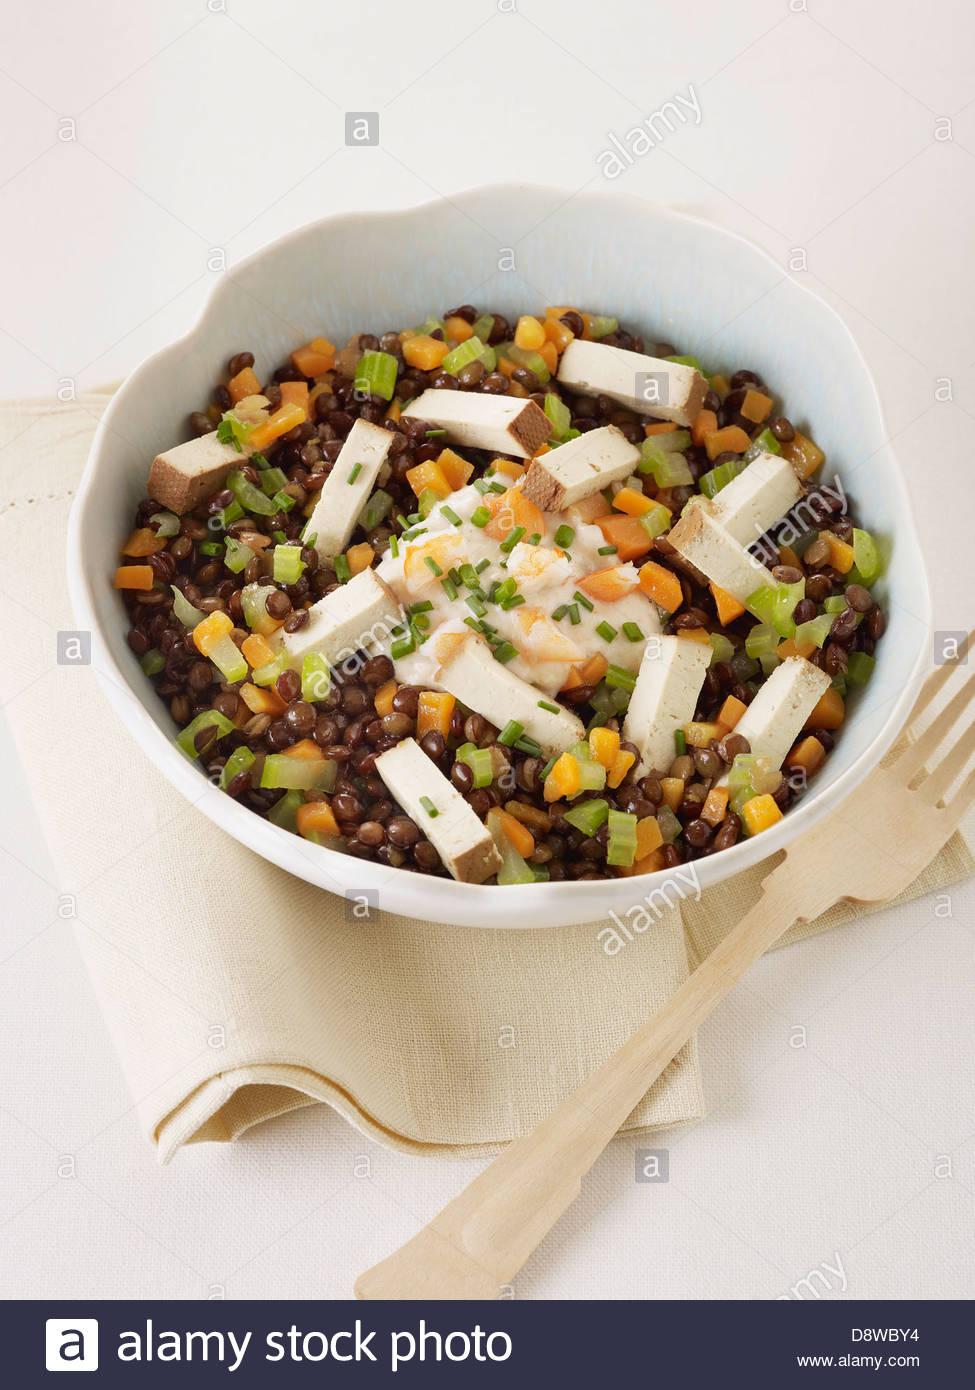 Lentil and smoked tofu salad - Stock Image